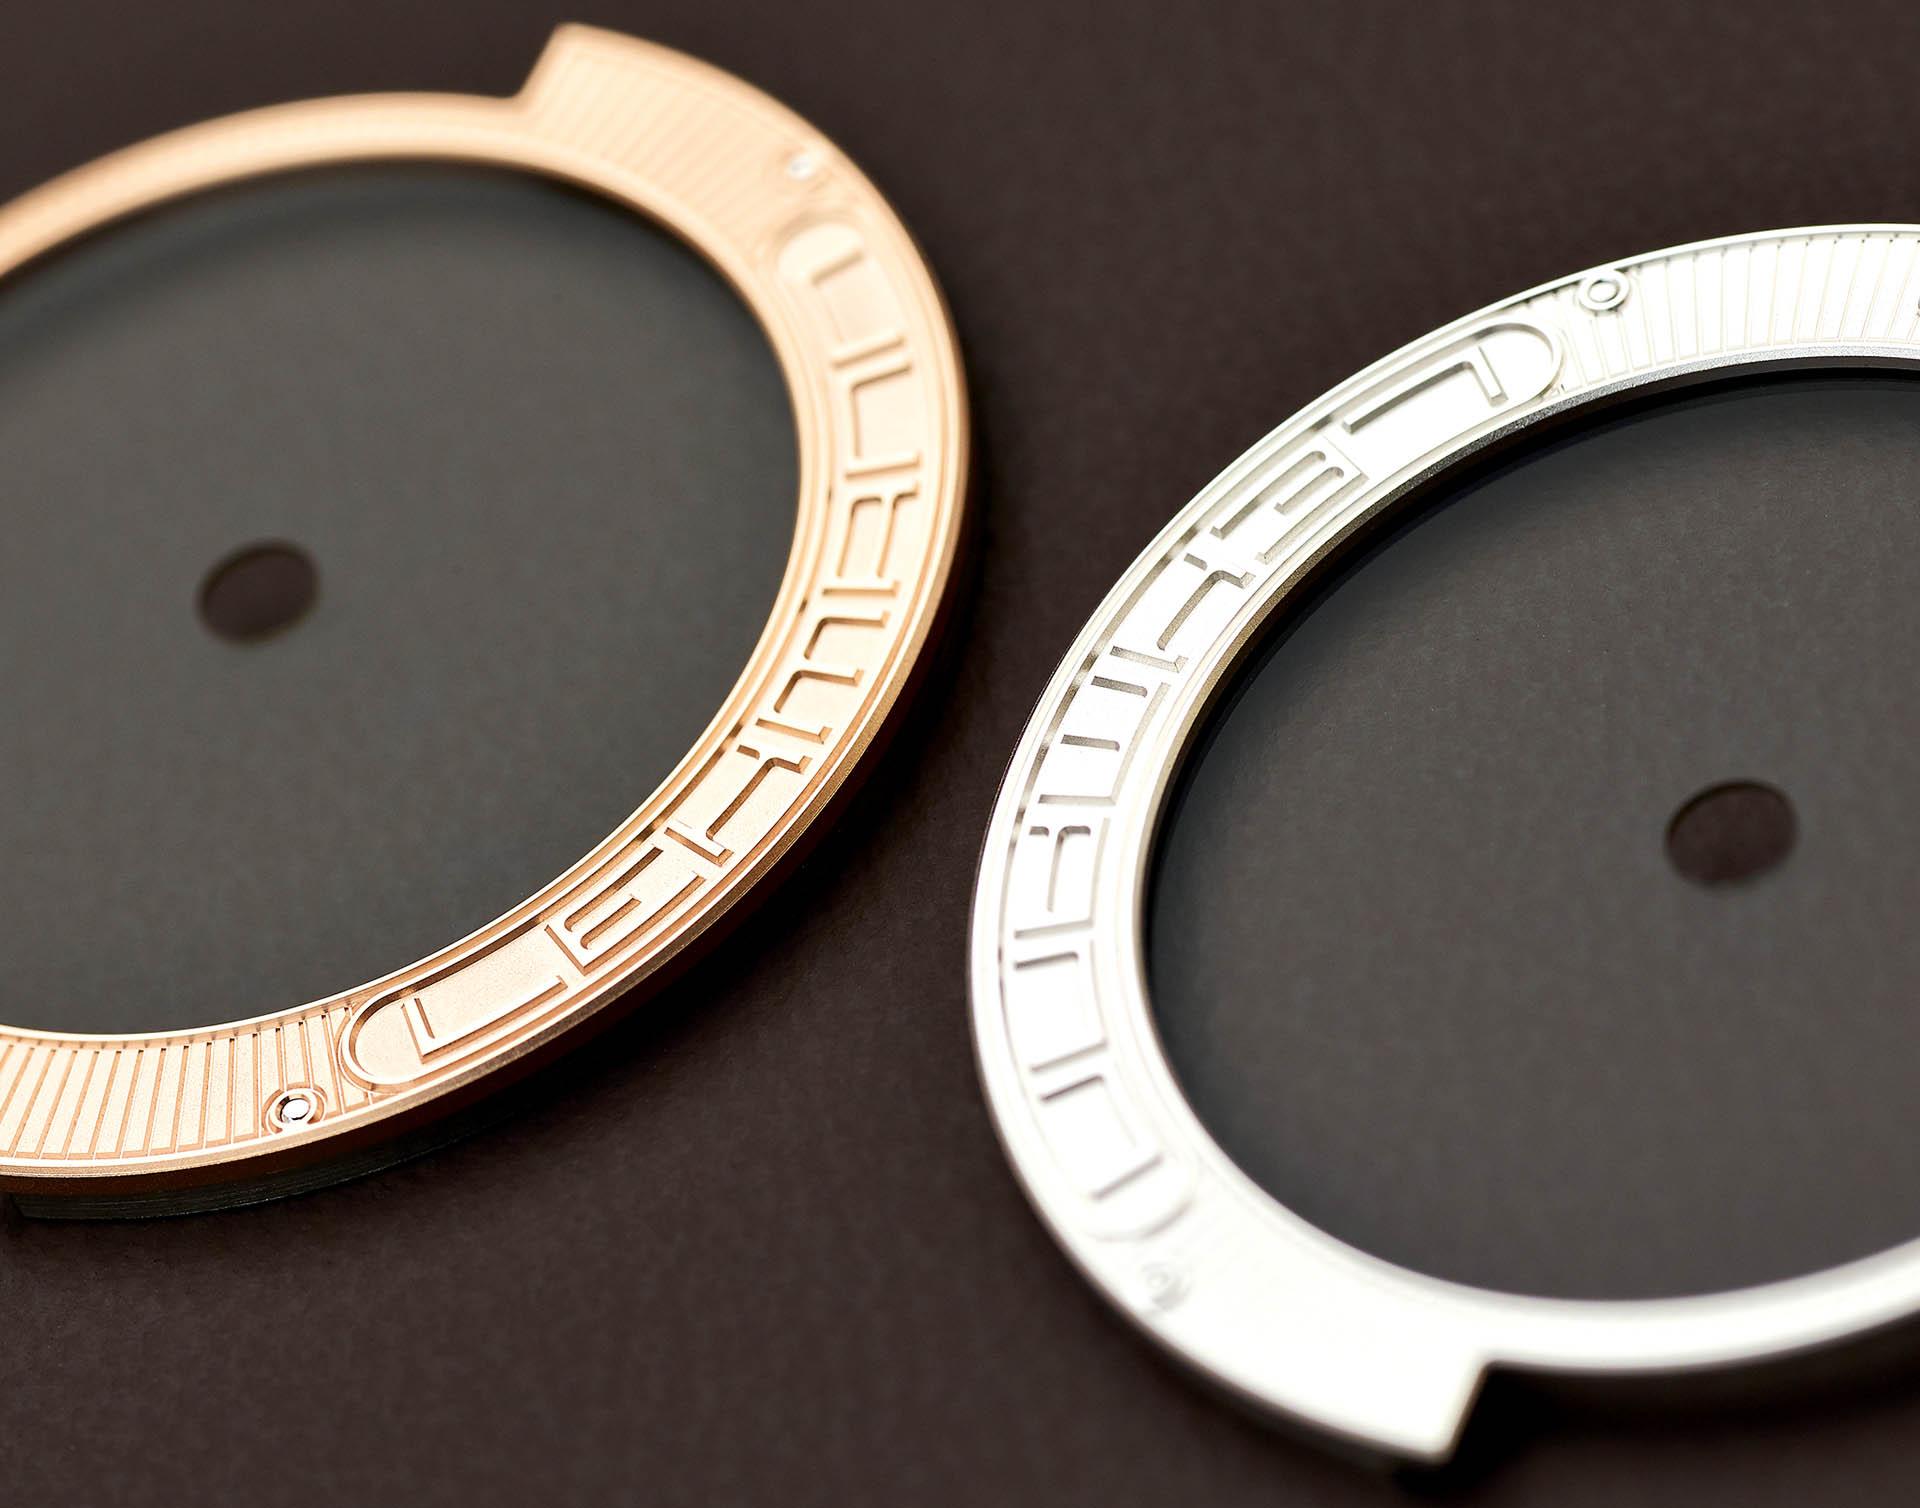 Ausgefallenes Detail: Der Saphirglasrotor auf den Lehmann-Kalibern sorgt für Durchblick auf das Uhrwerk